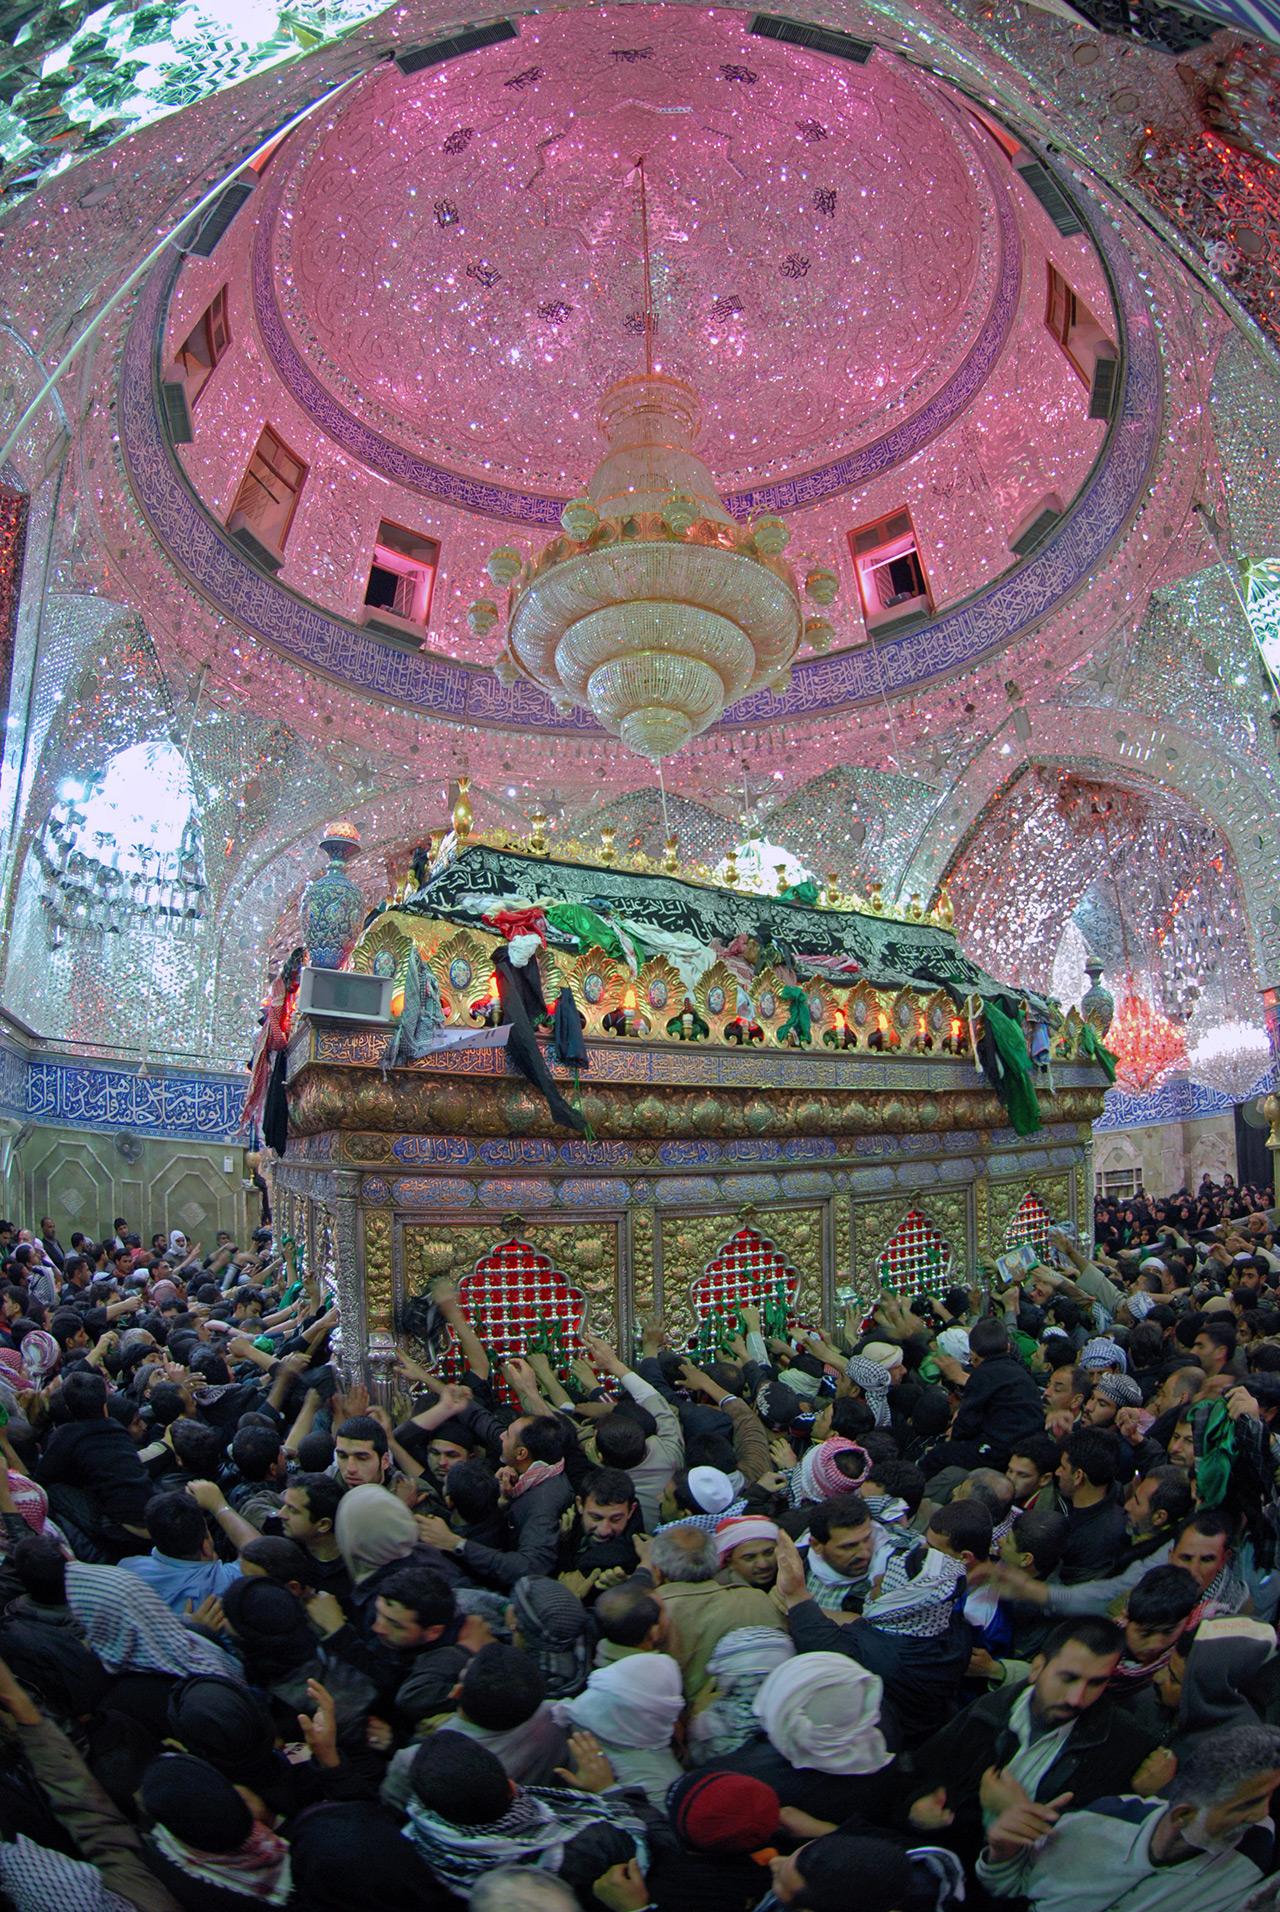 گزارش تصویری از ضریح حرم حضرت ابوالفضل (ع)/ مرا عباس است کشتیبان ...